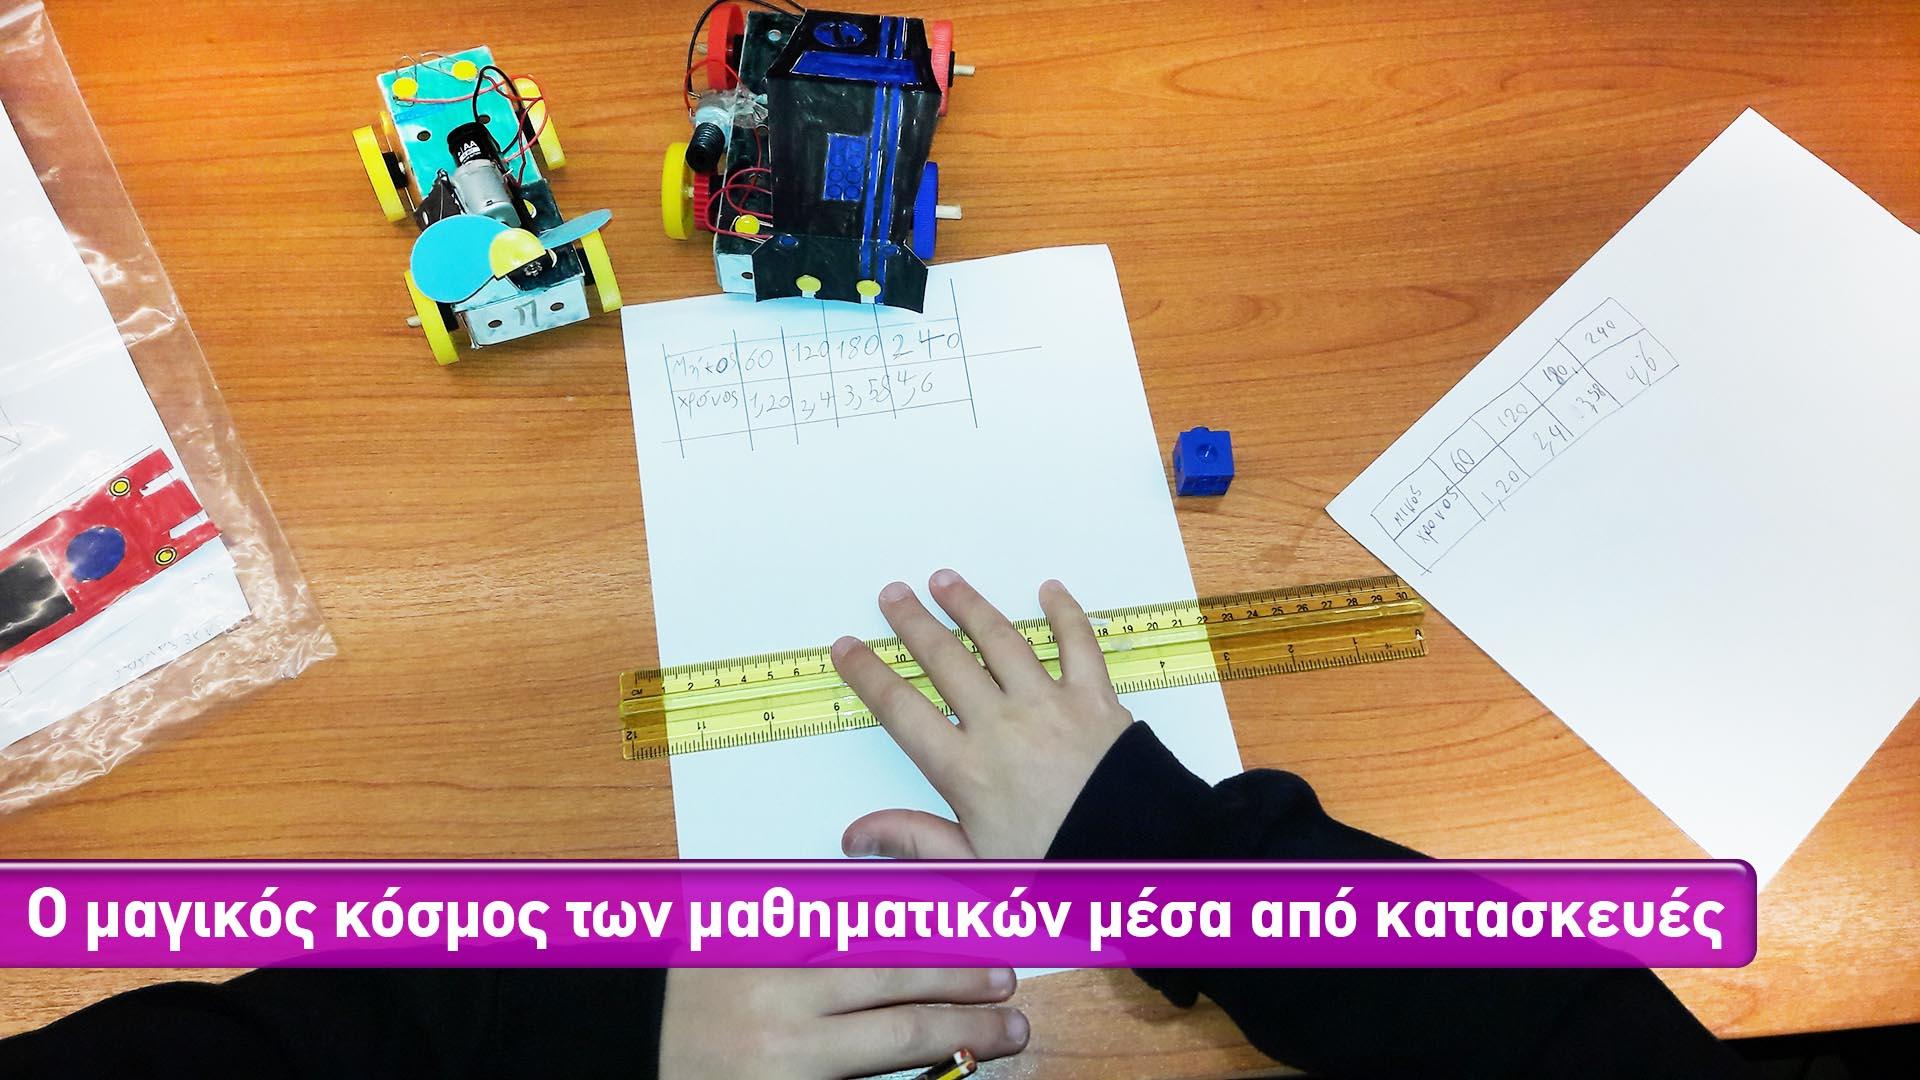 Ο μαγικός κόσμος των μαθηματικών μέσα από κατασκευές